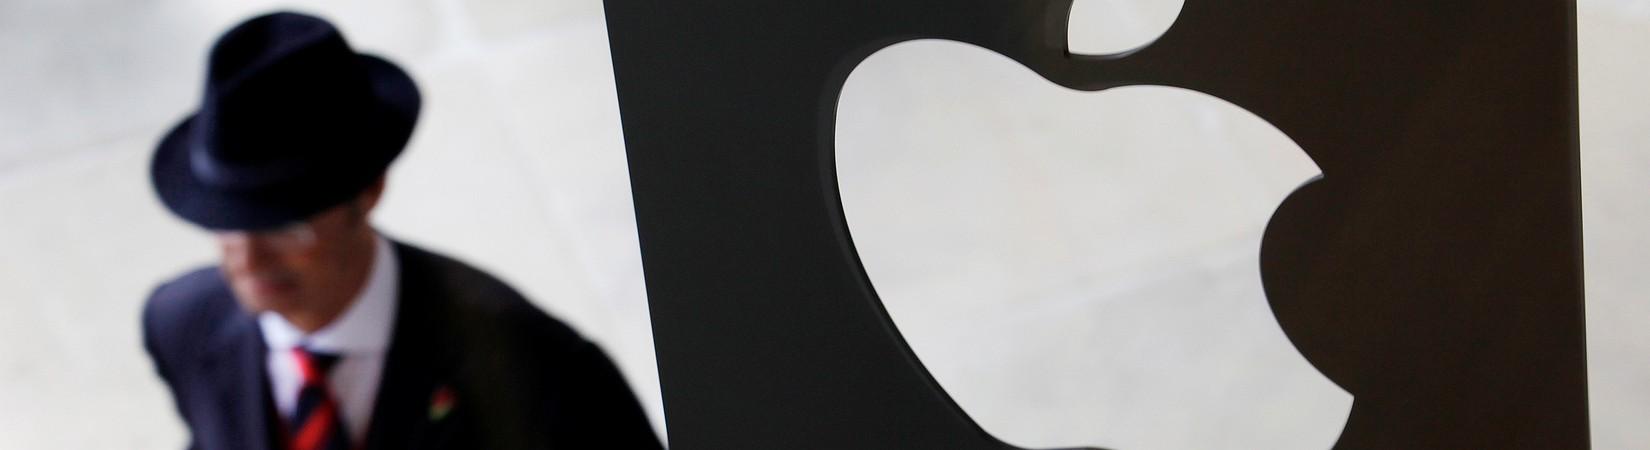 La publicación de los resultados trimestrales de Apple está prevista para hoy